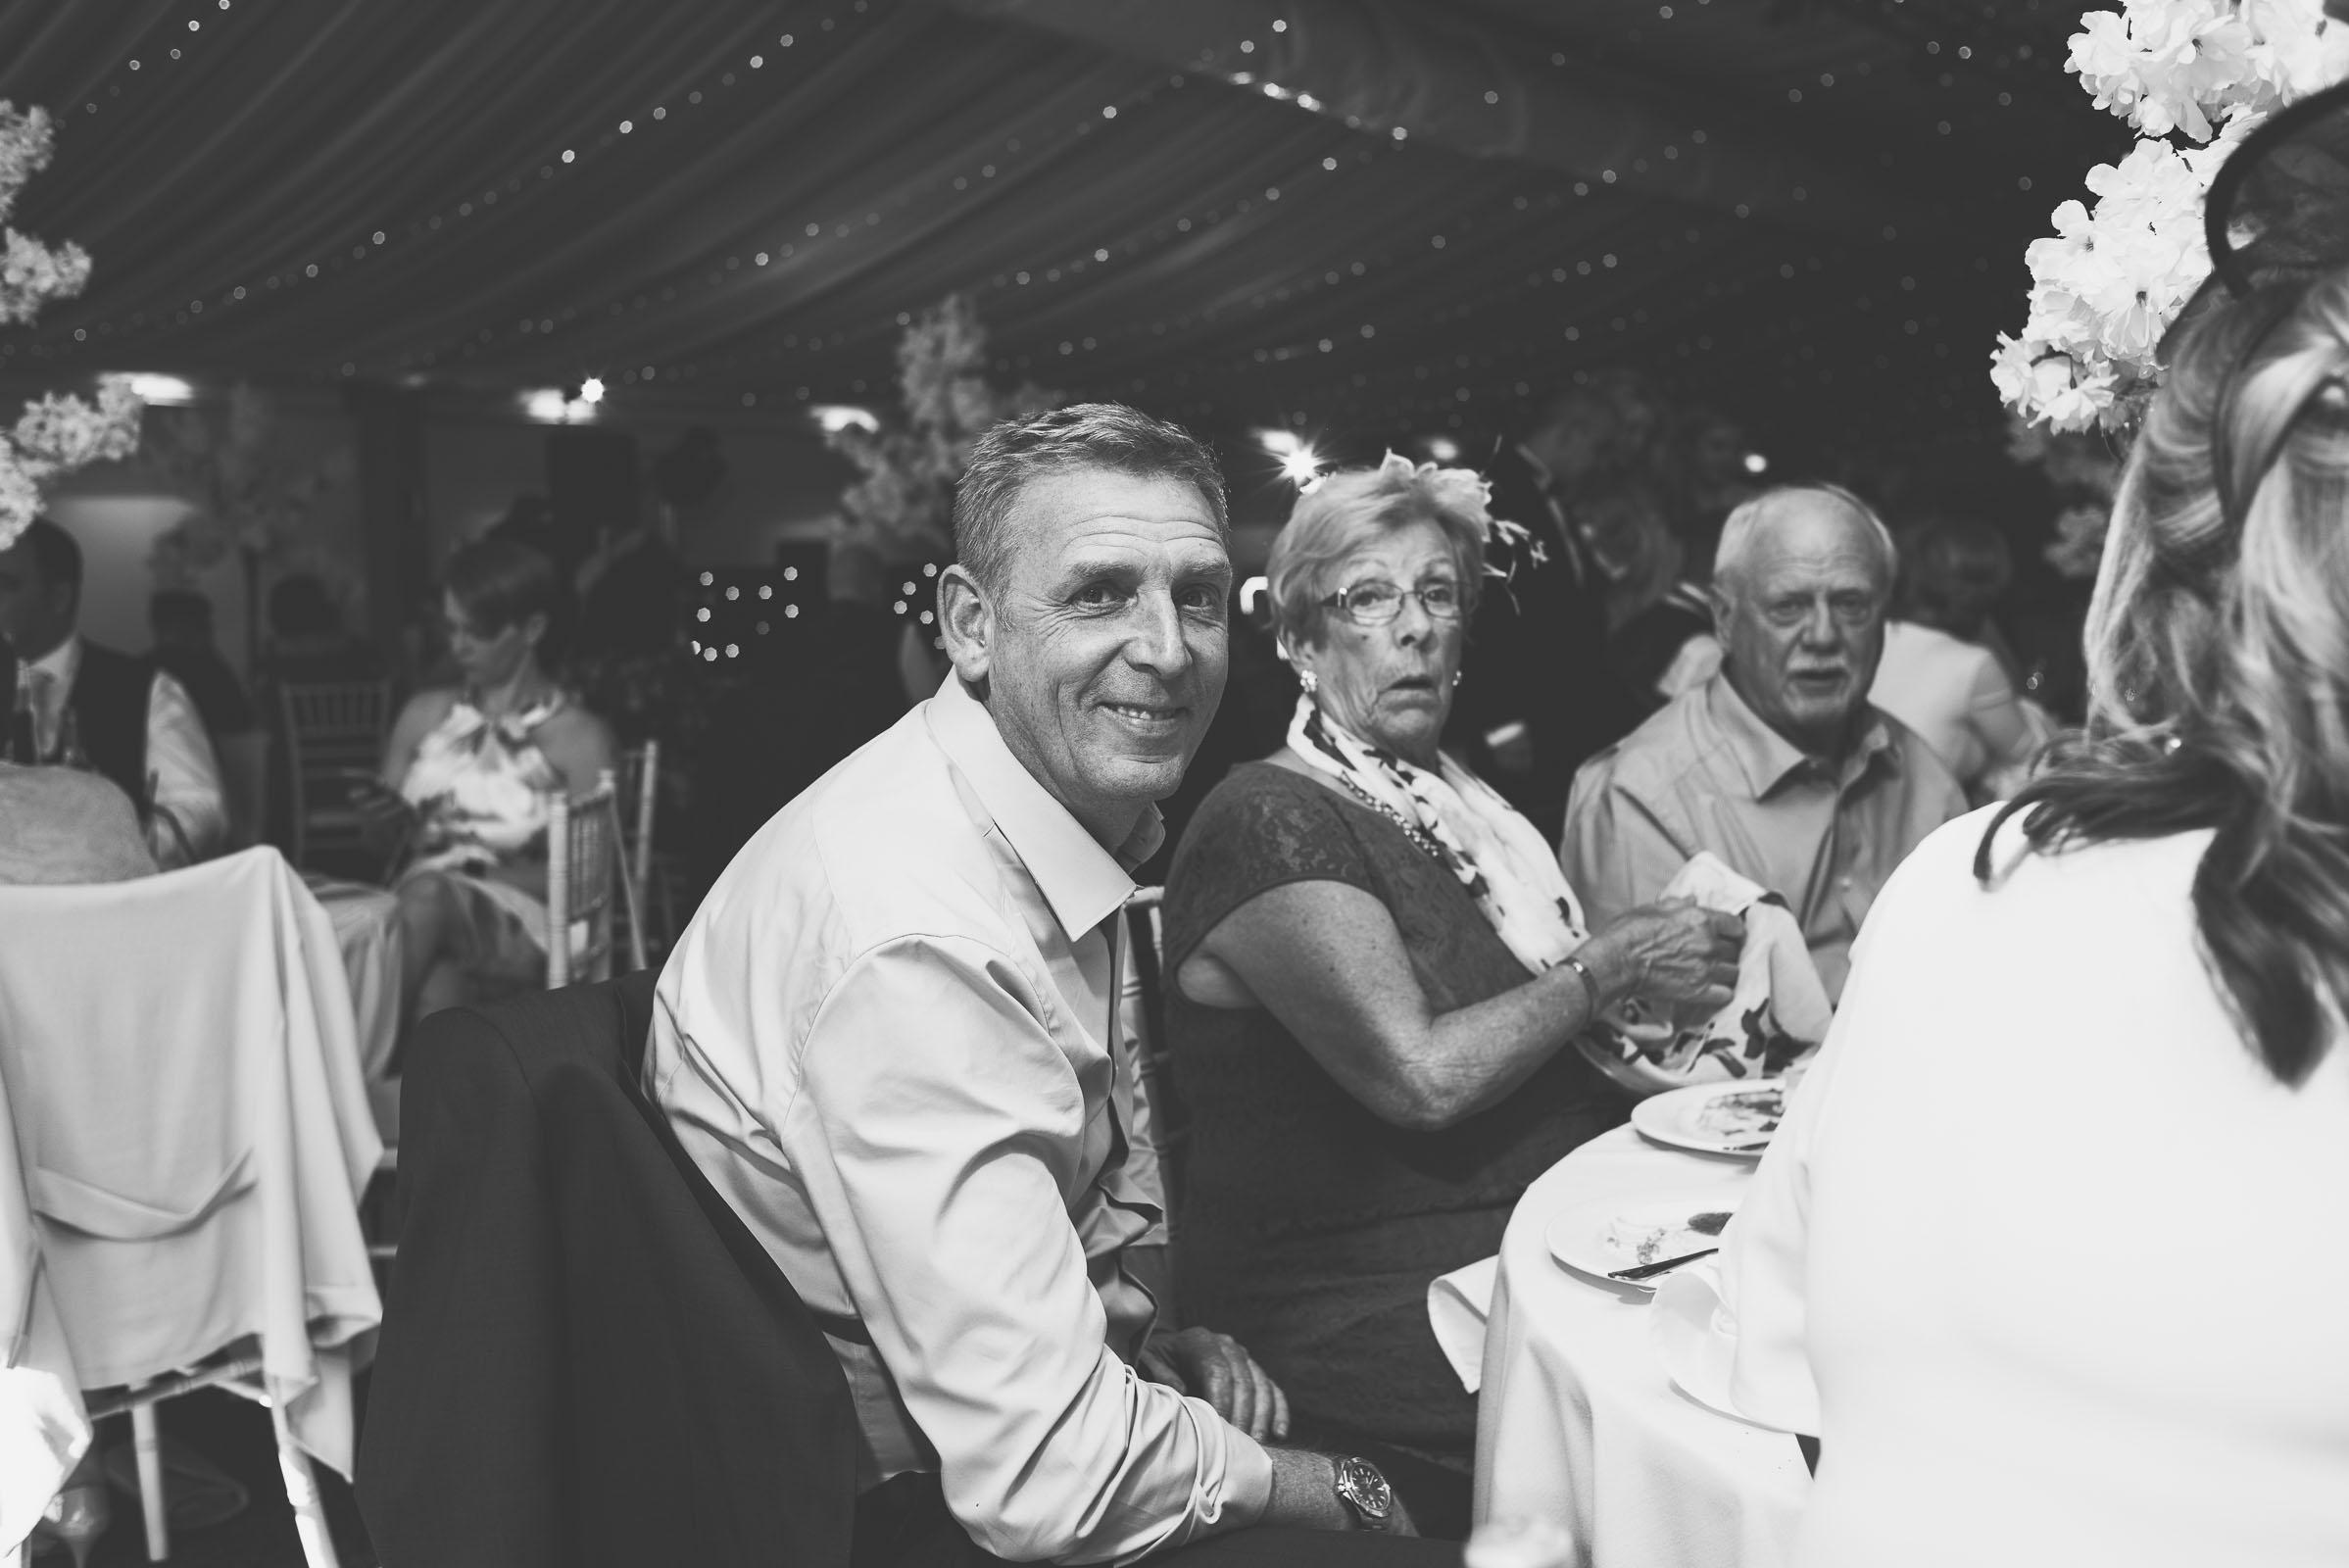 Lutonhoo-wedding-Bedfordshire-Datchworth-Tewinburyfarm-74.jpg